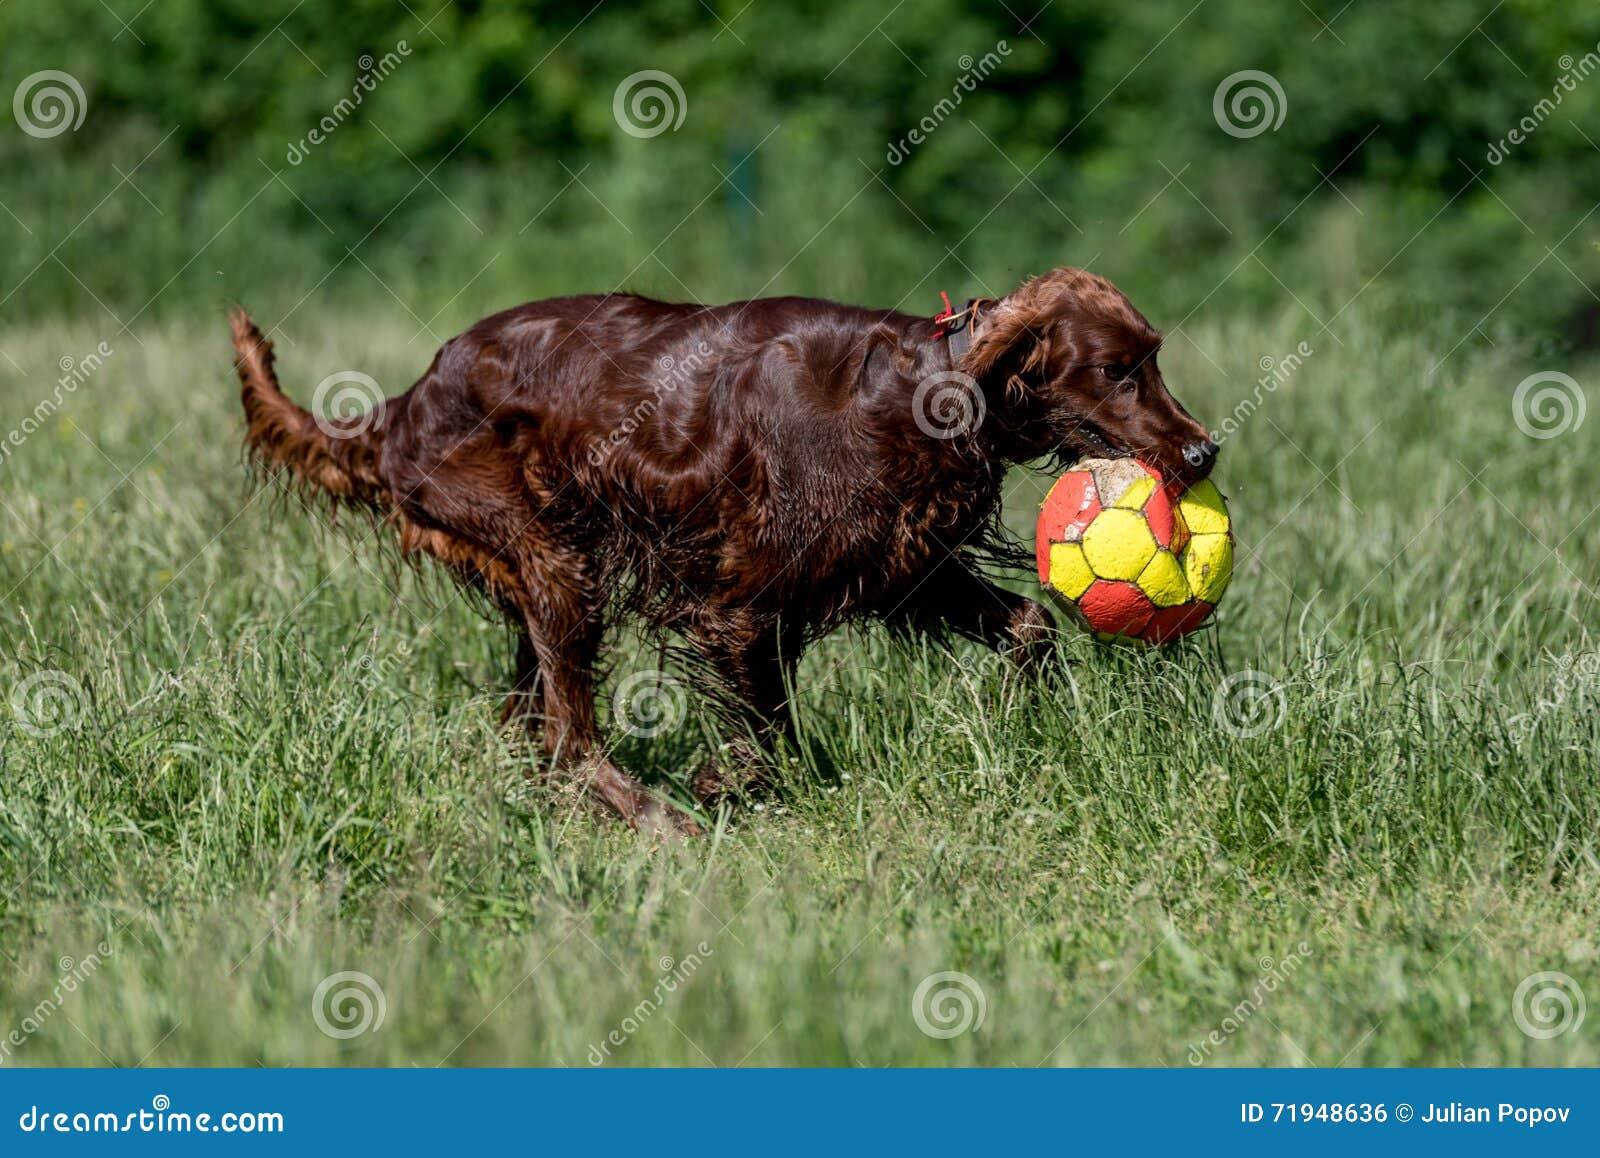 Сеттер Rish играя с шариком, селективным фокусом на собаке